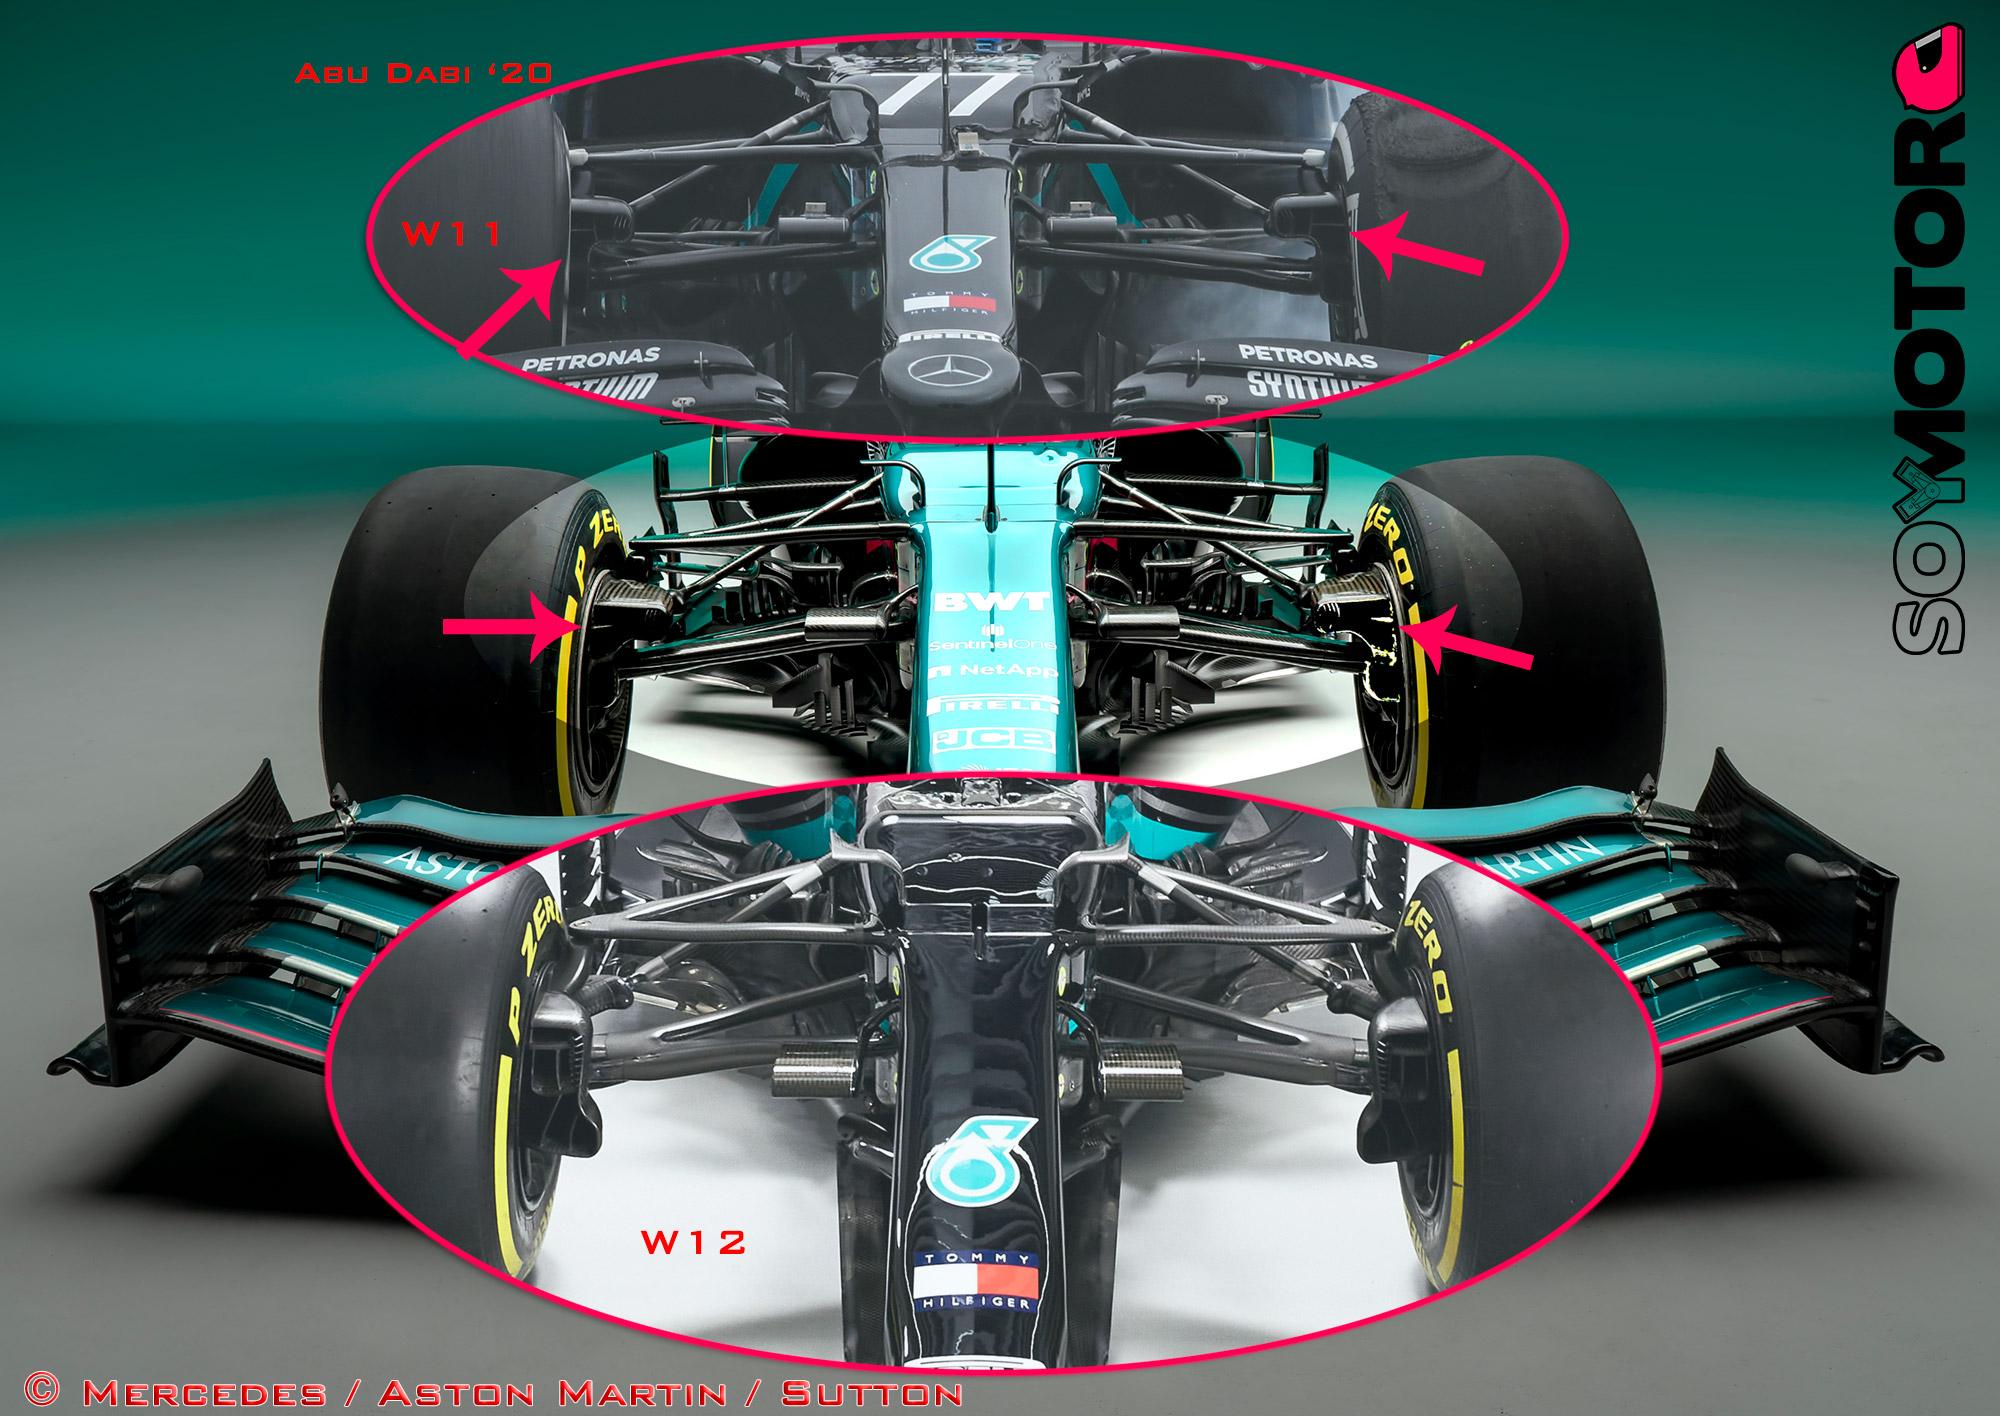 amr21-w11-12-suspension-delantera-y-paletas-de-frenos-delanteras-soymotor.jpg